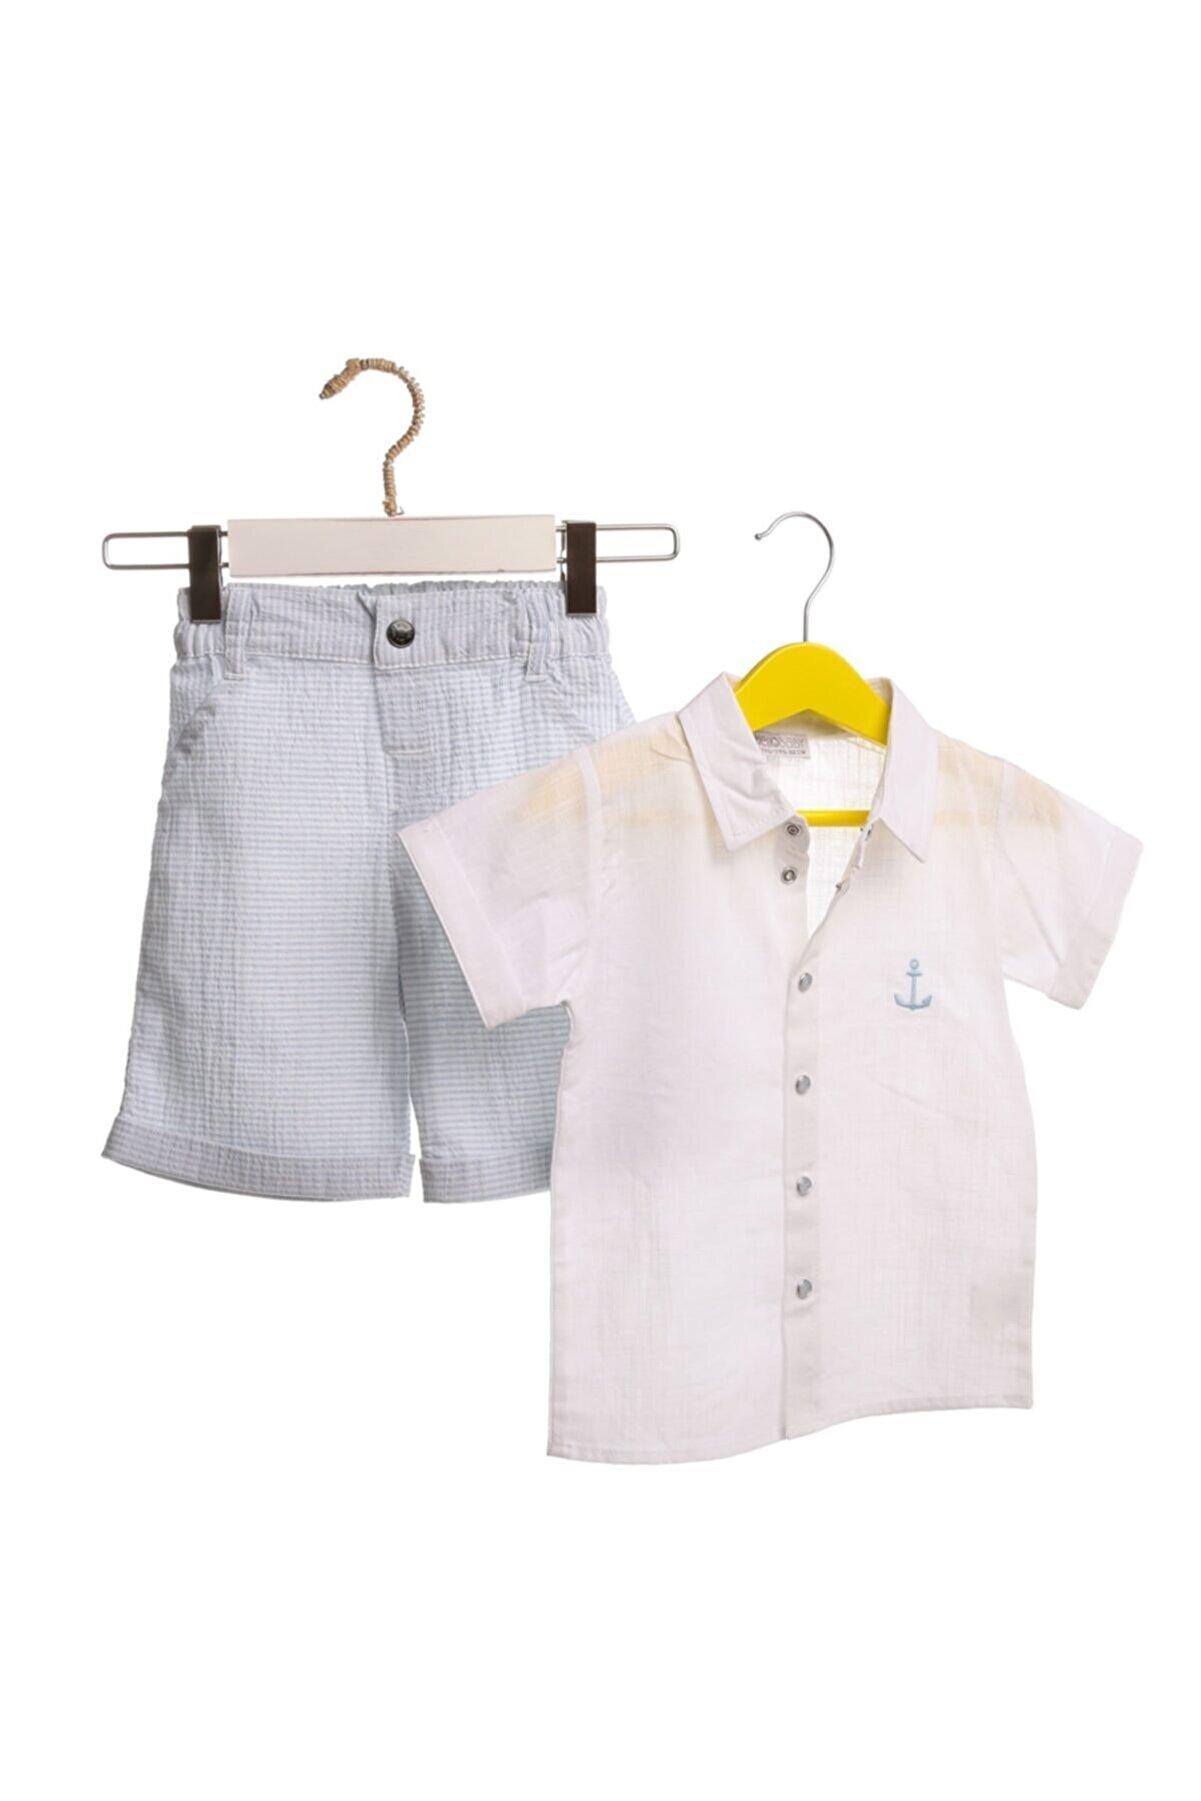 HelloBaby Yaz Erkek Bebek Çapa Gömlek-şort Takım